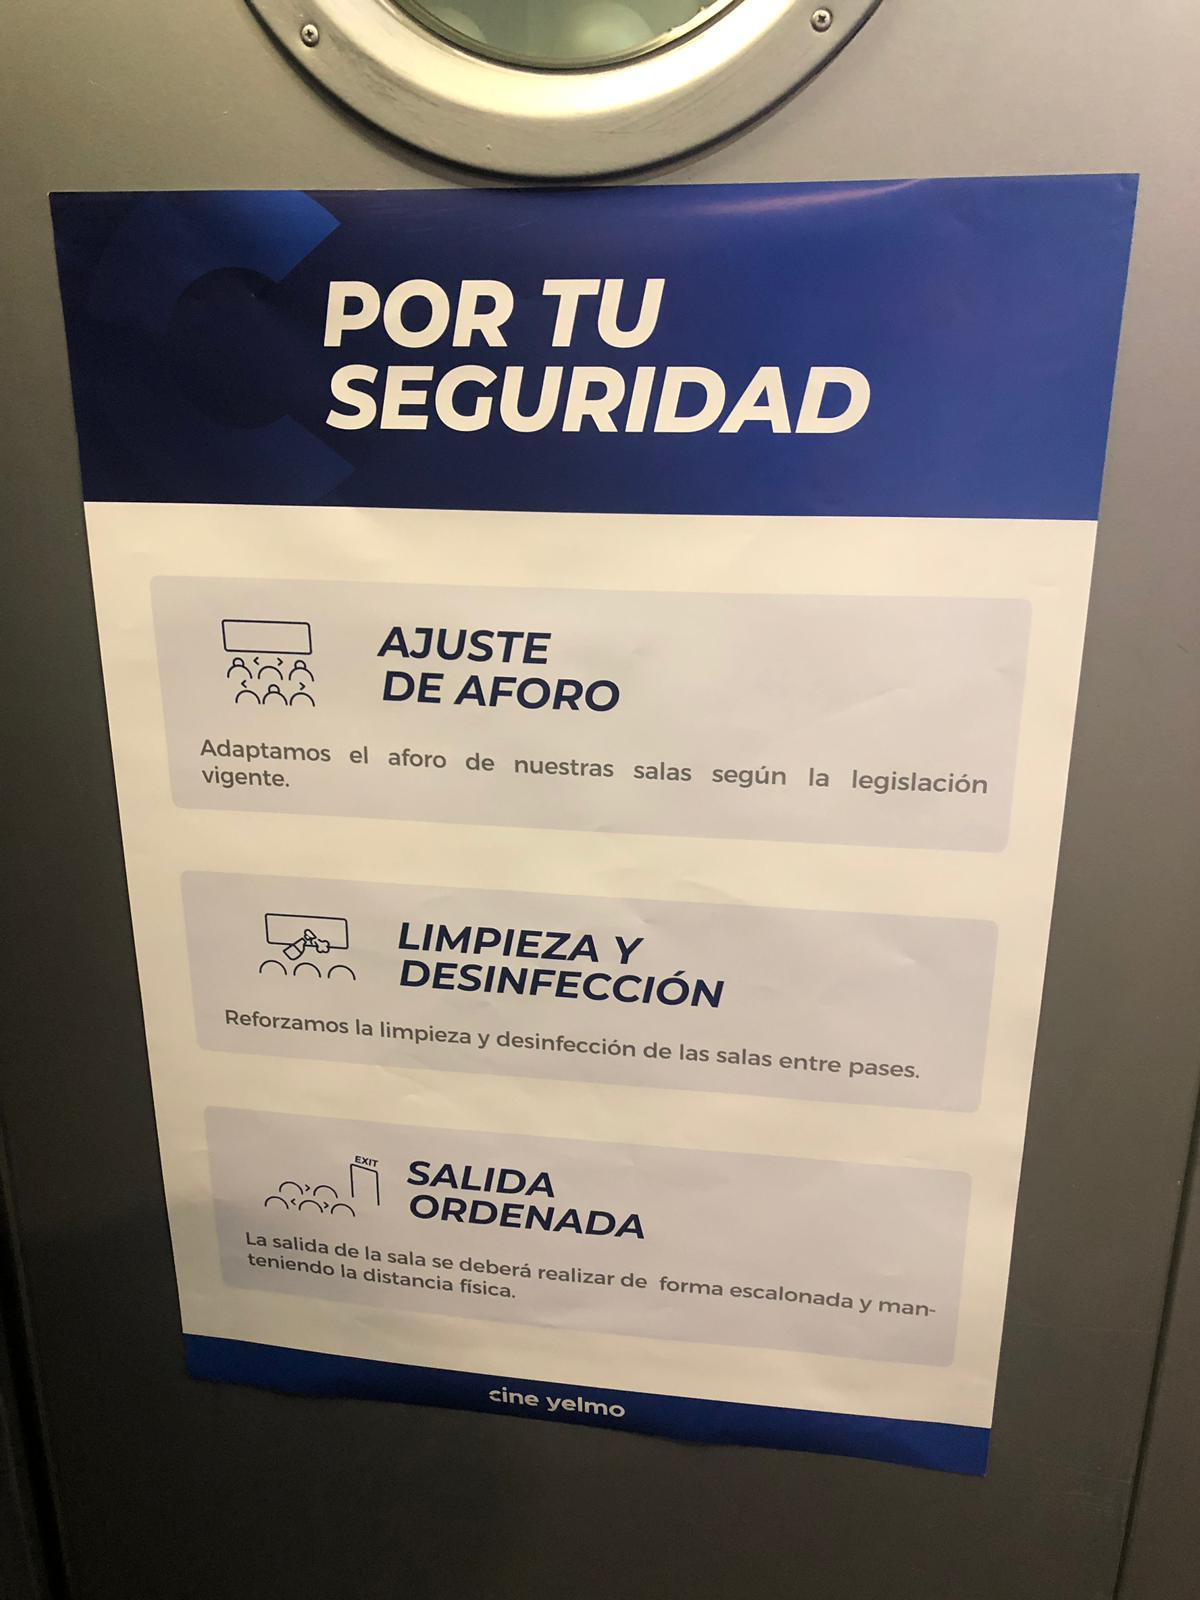 Medidas de seguridad presentes en las puertas de los cines y de cada sala.